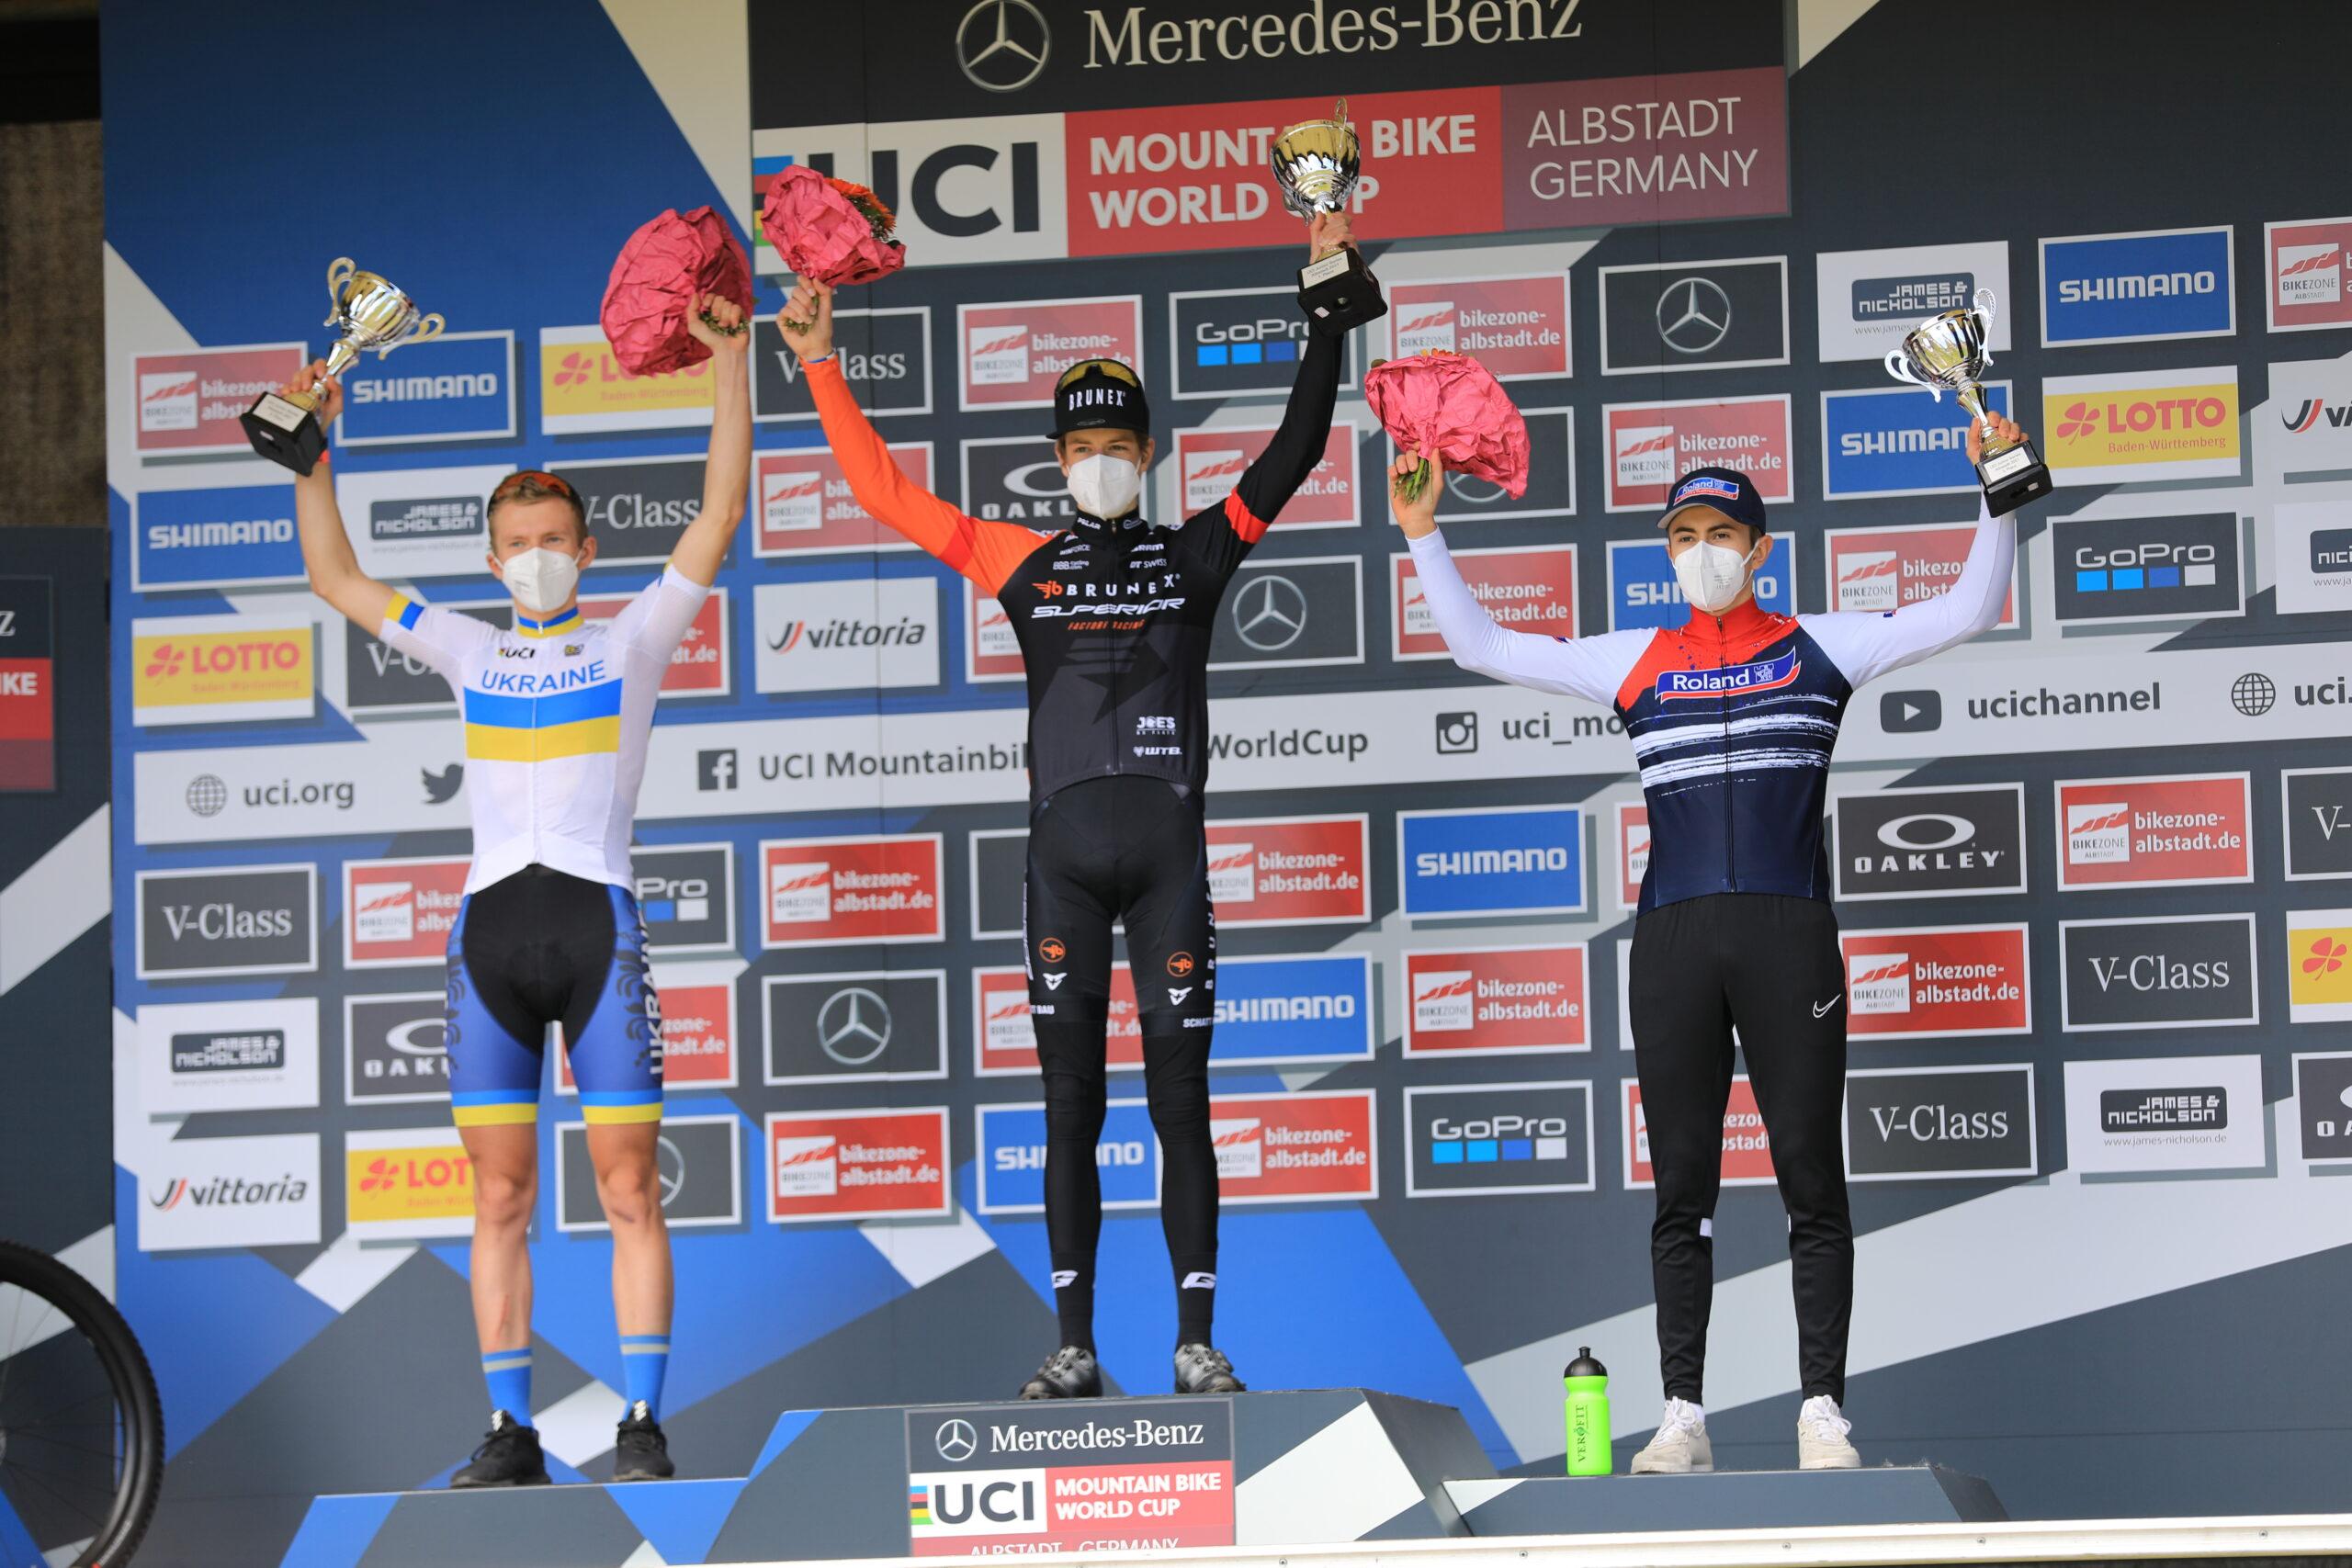 Finn Treudler en Line Burquier winnen Junior Series in Albstadt